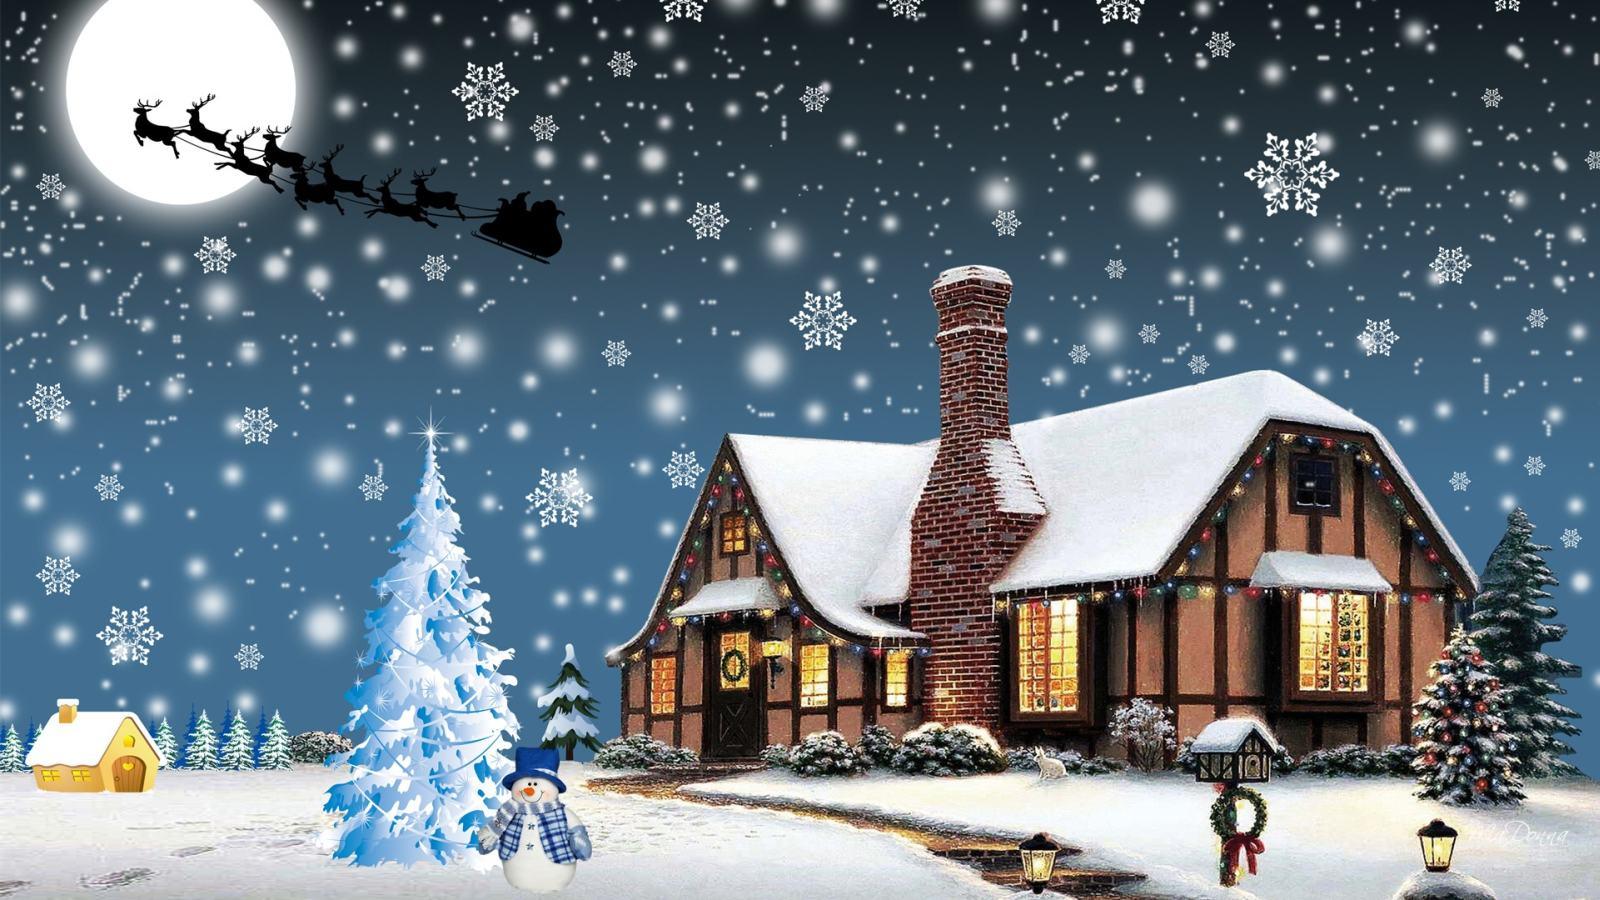 latest christmas wallpaper 2014 | christmaswallpapers18